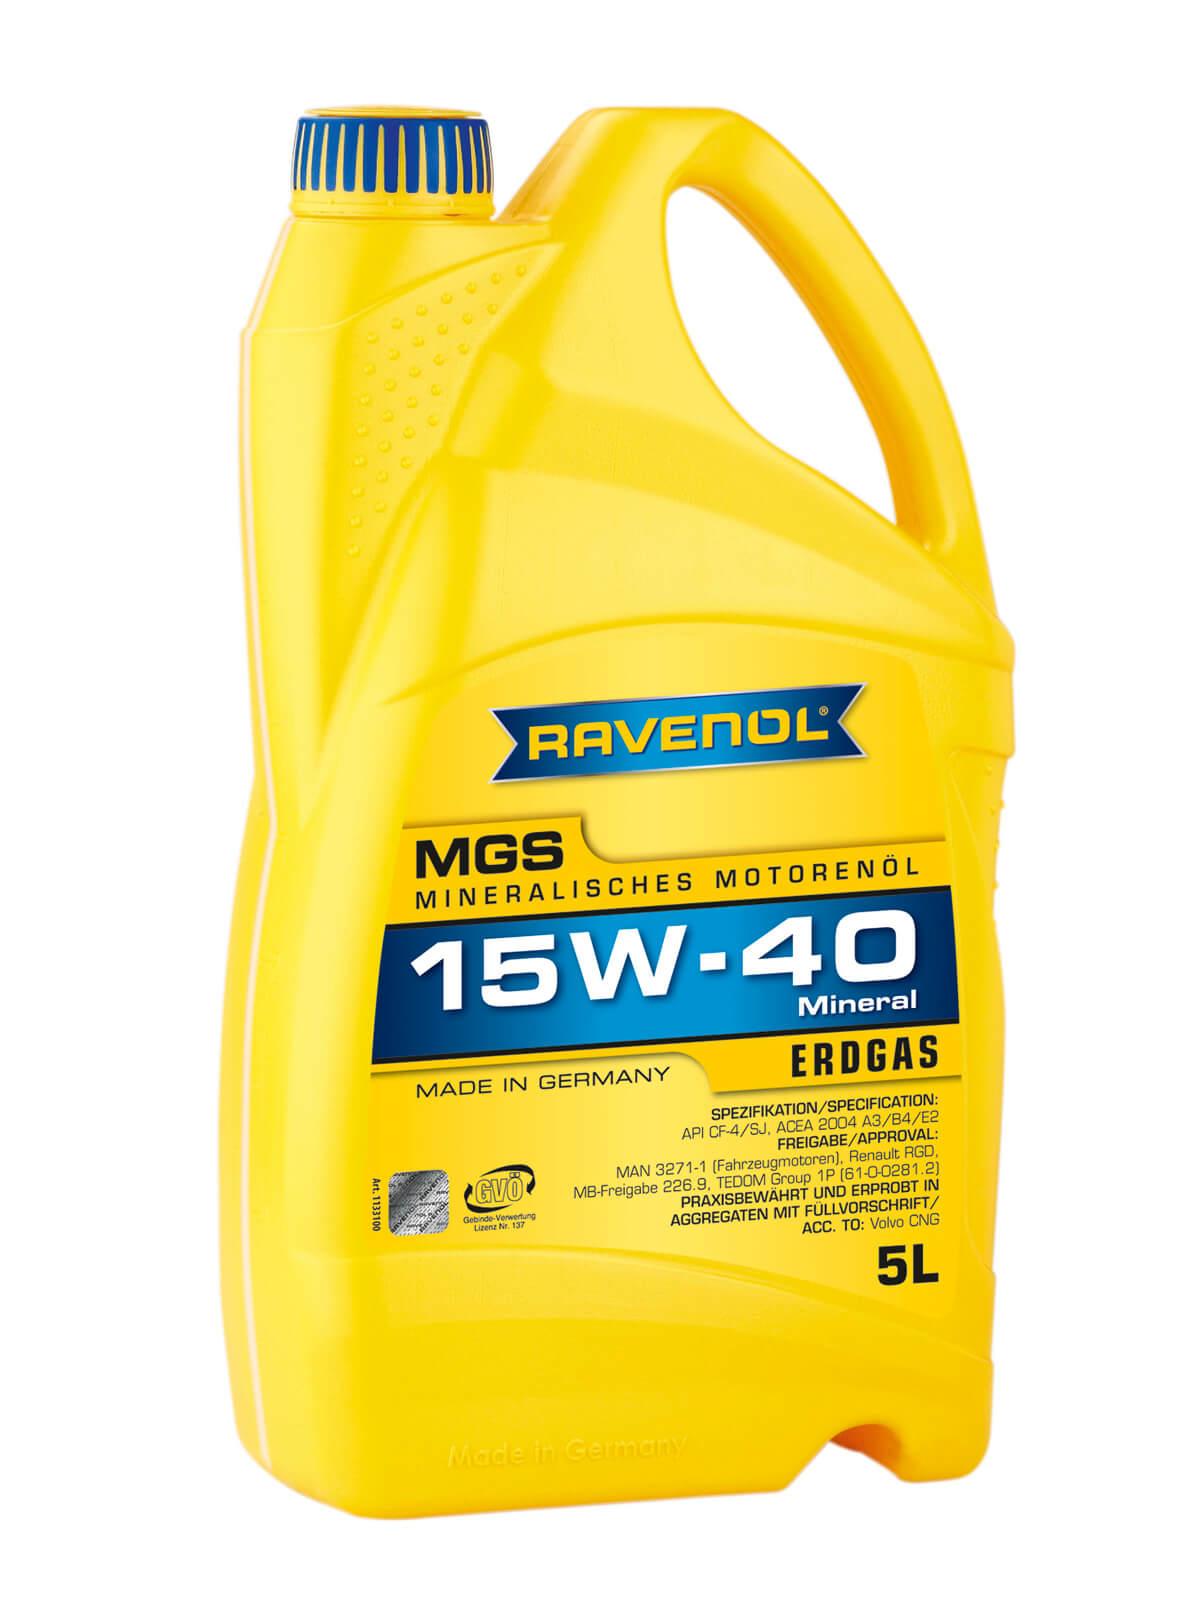 ravenol mgs 15w 40 f r gasmotoren direkt im ravenol shop kaufen. Black Bedroom Furniture Sets. Home Design Ideas